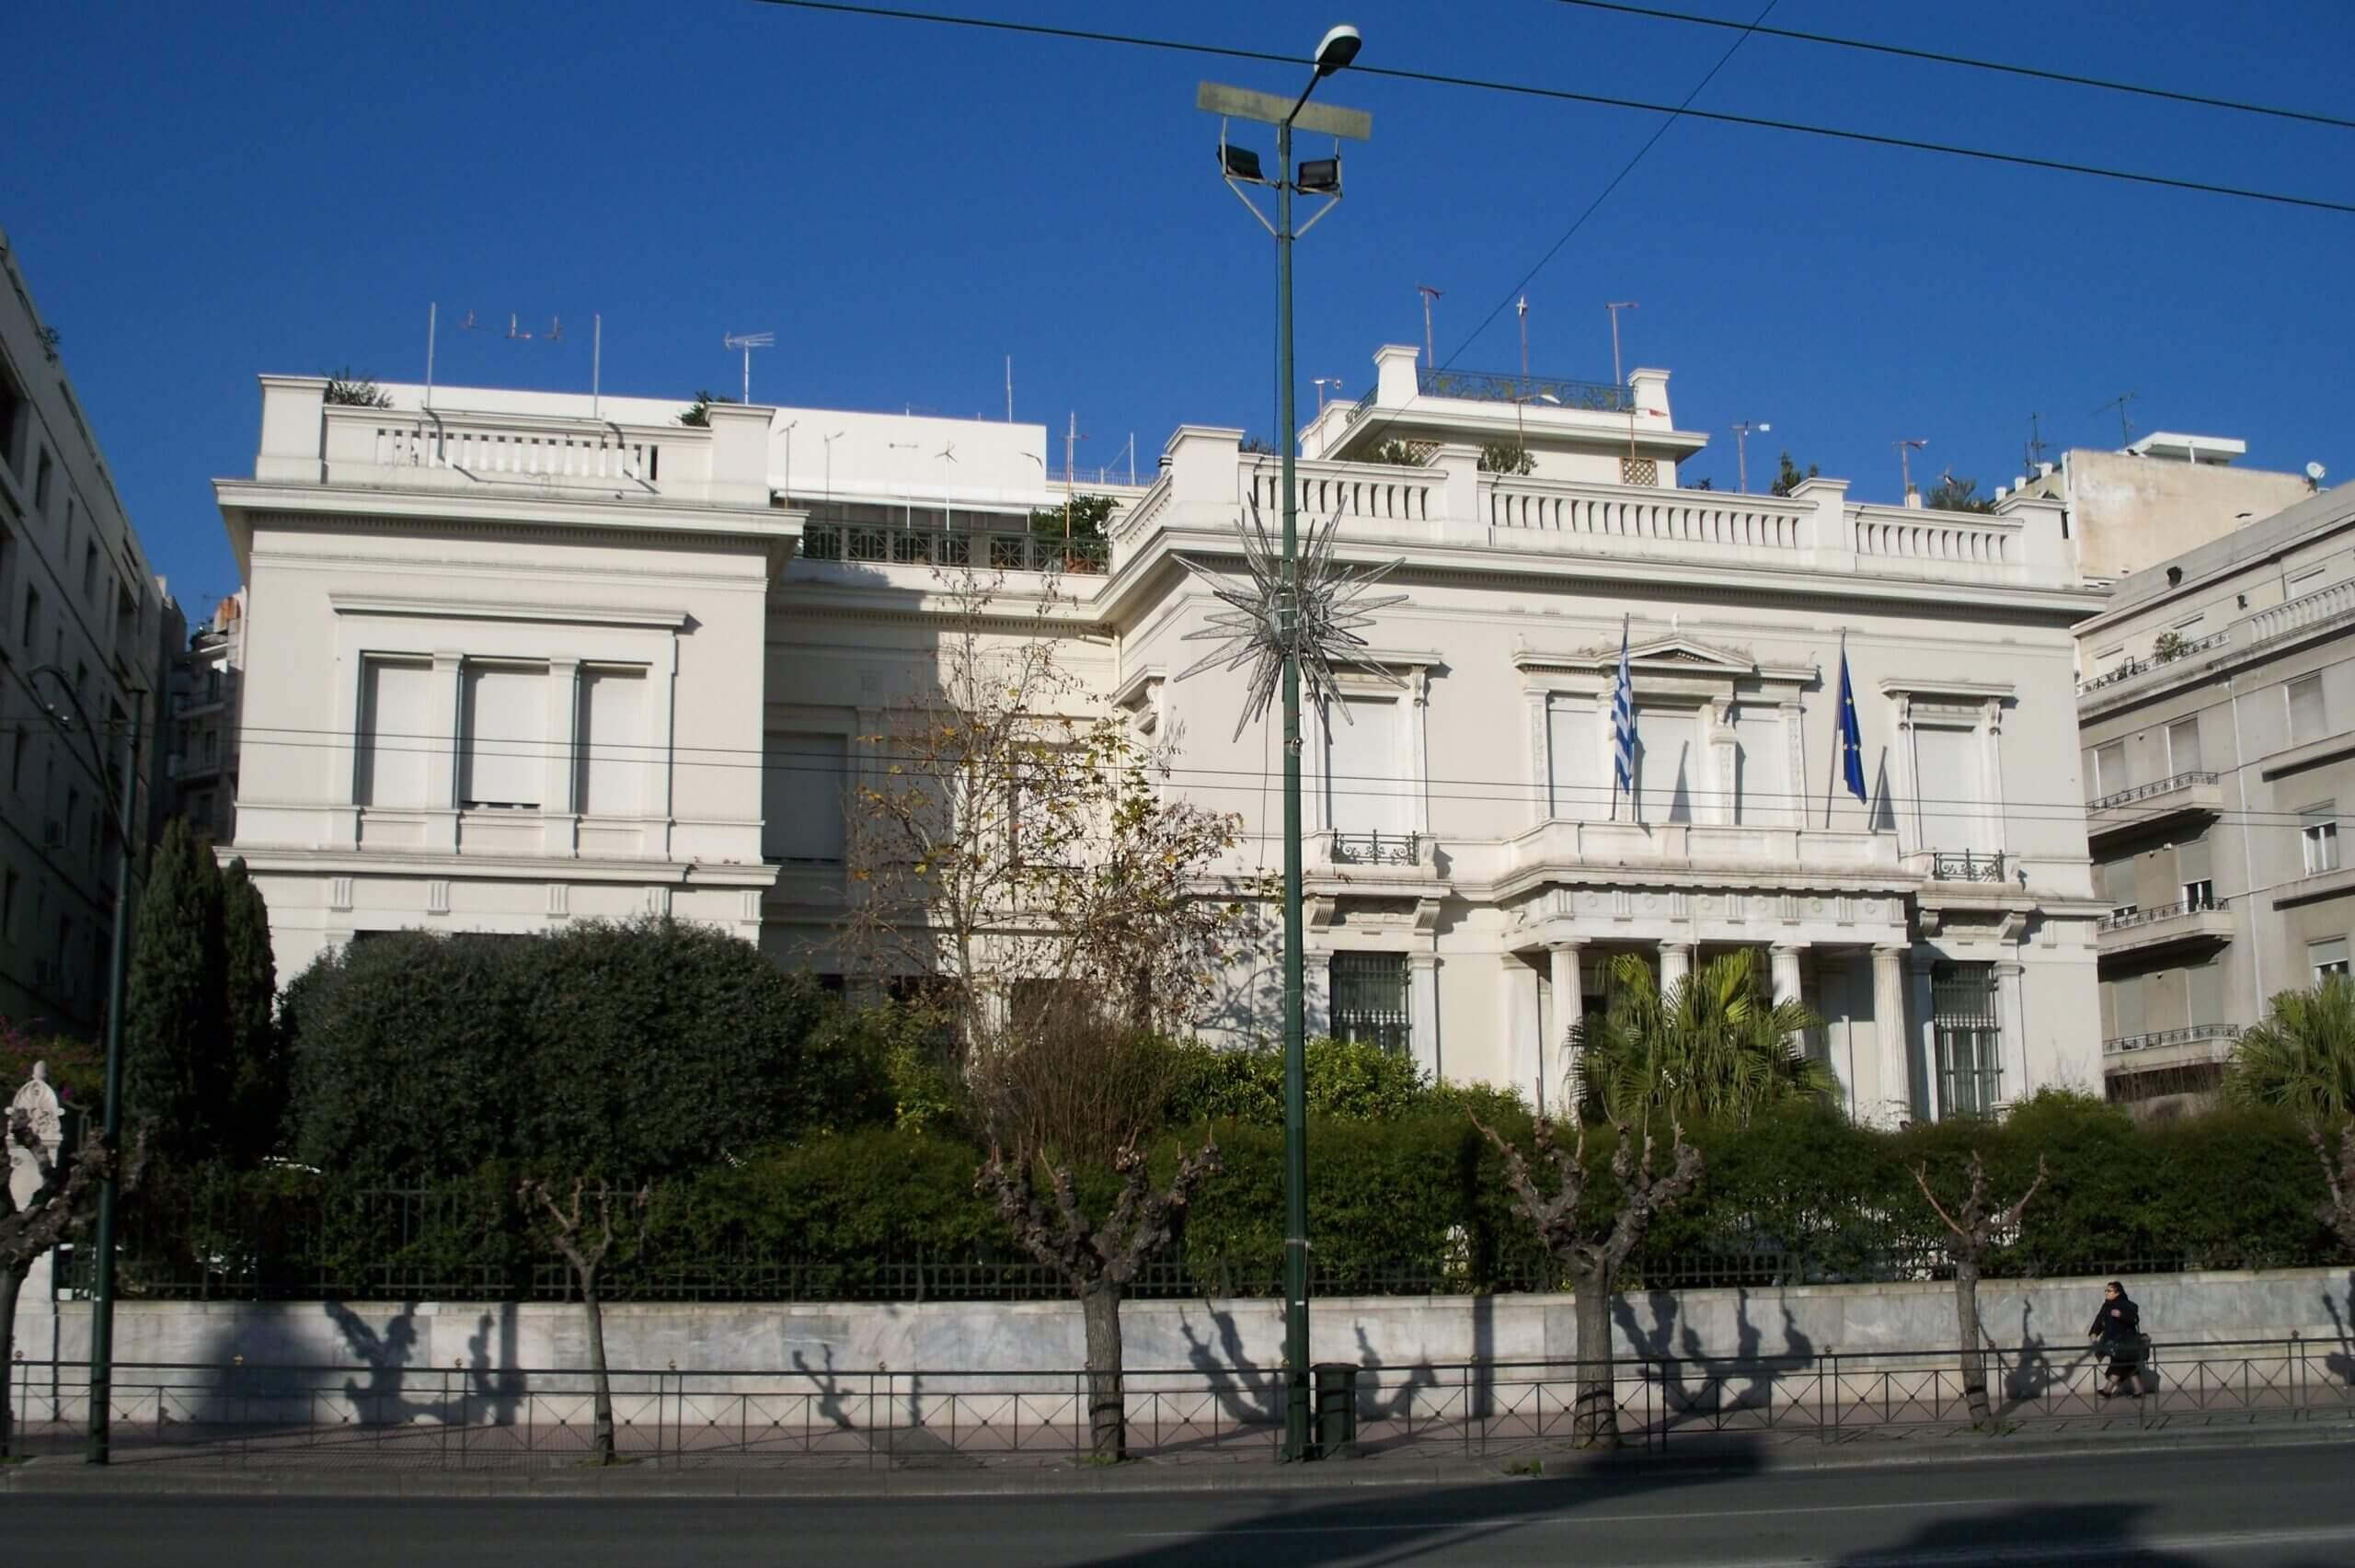 Παγκόσμια προβολή στα έργα τέχνης των ελληνικών μουσείων